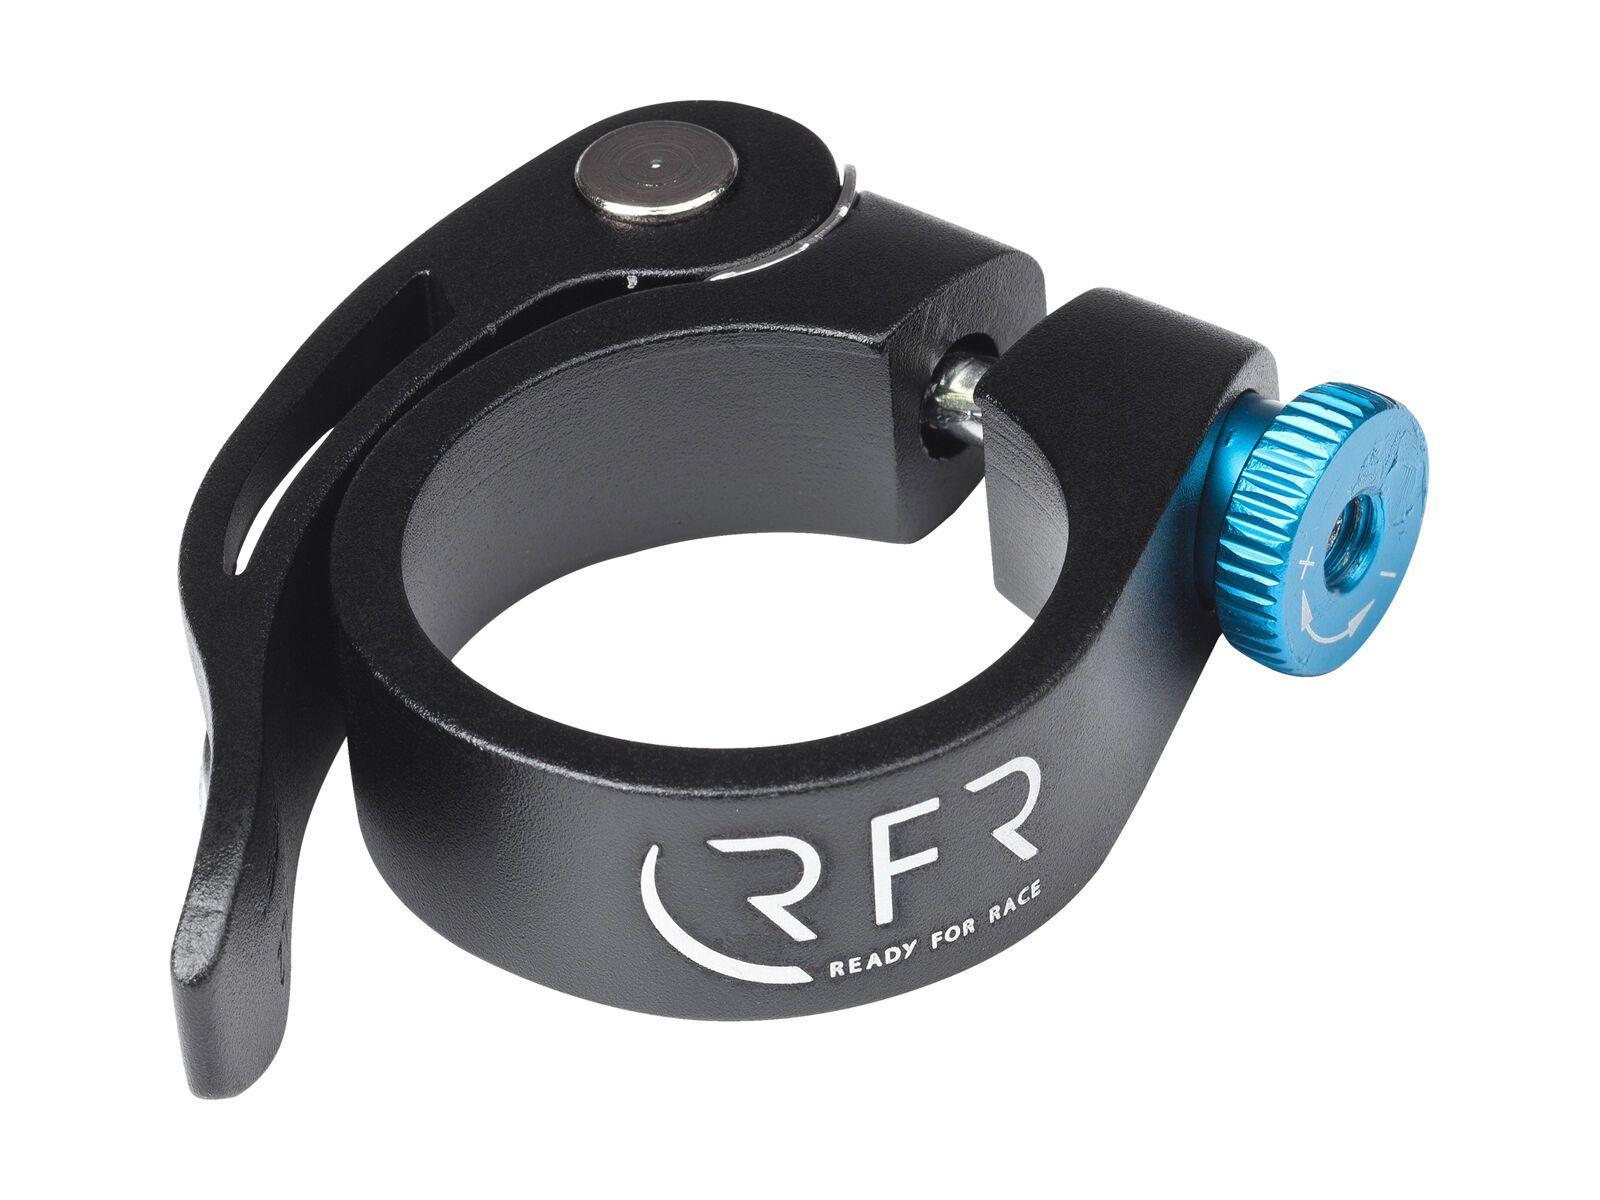 Cube RFR Sattelklemme mit Schnellspanner black´n´blue 34,9 mm 134550000